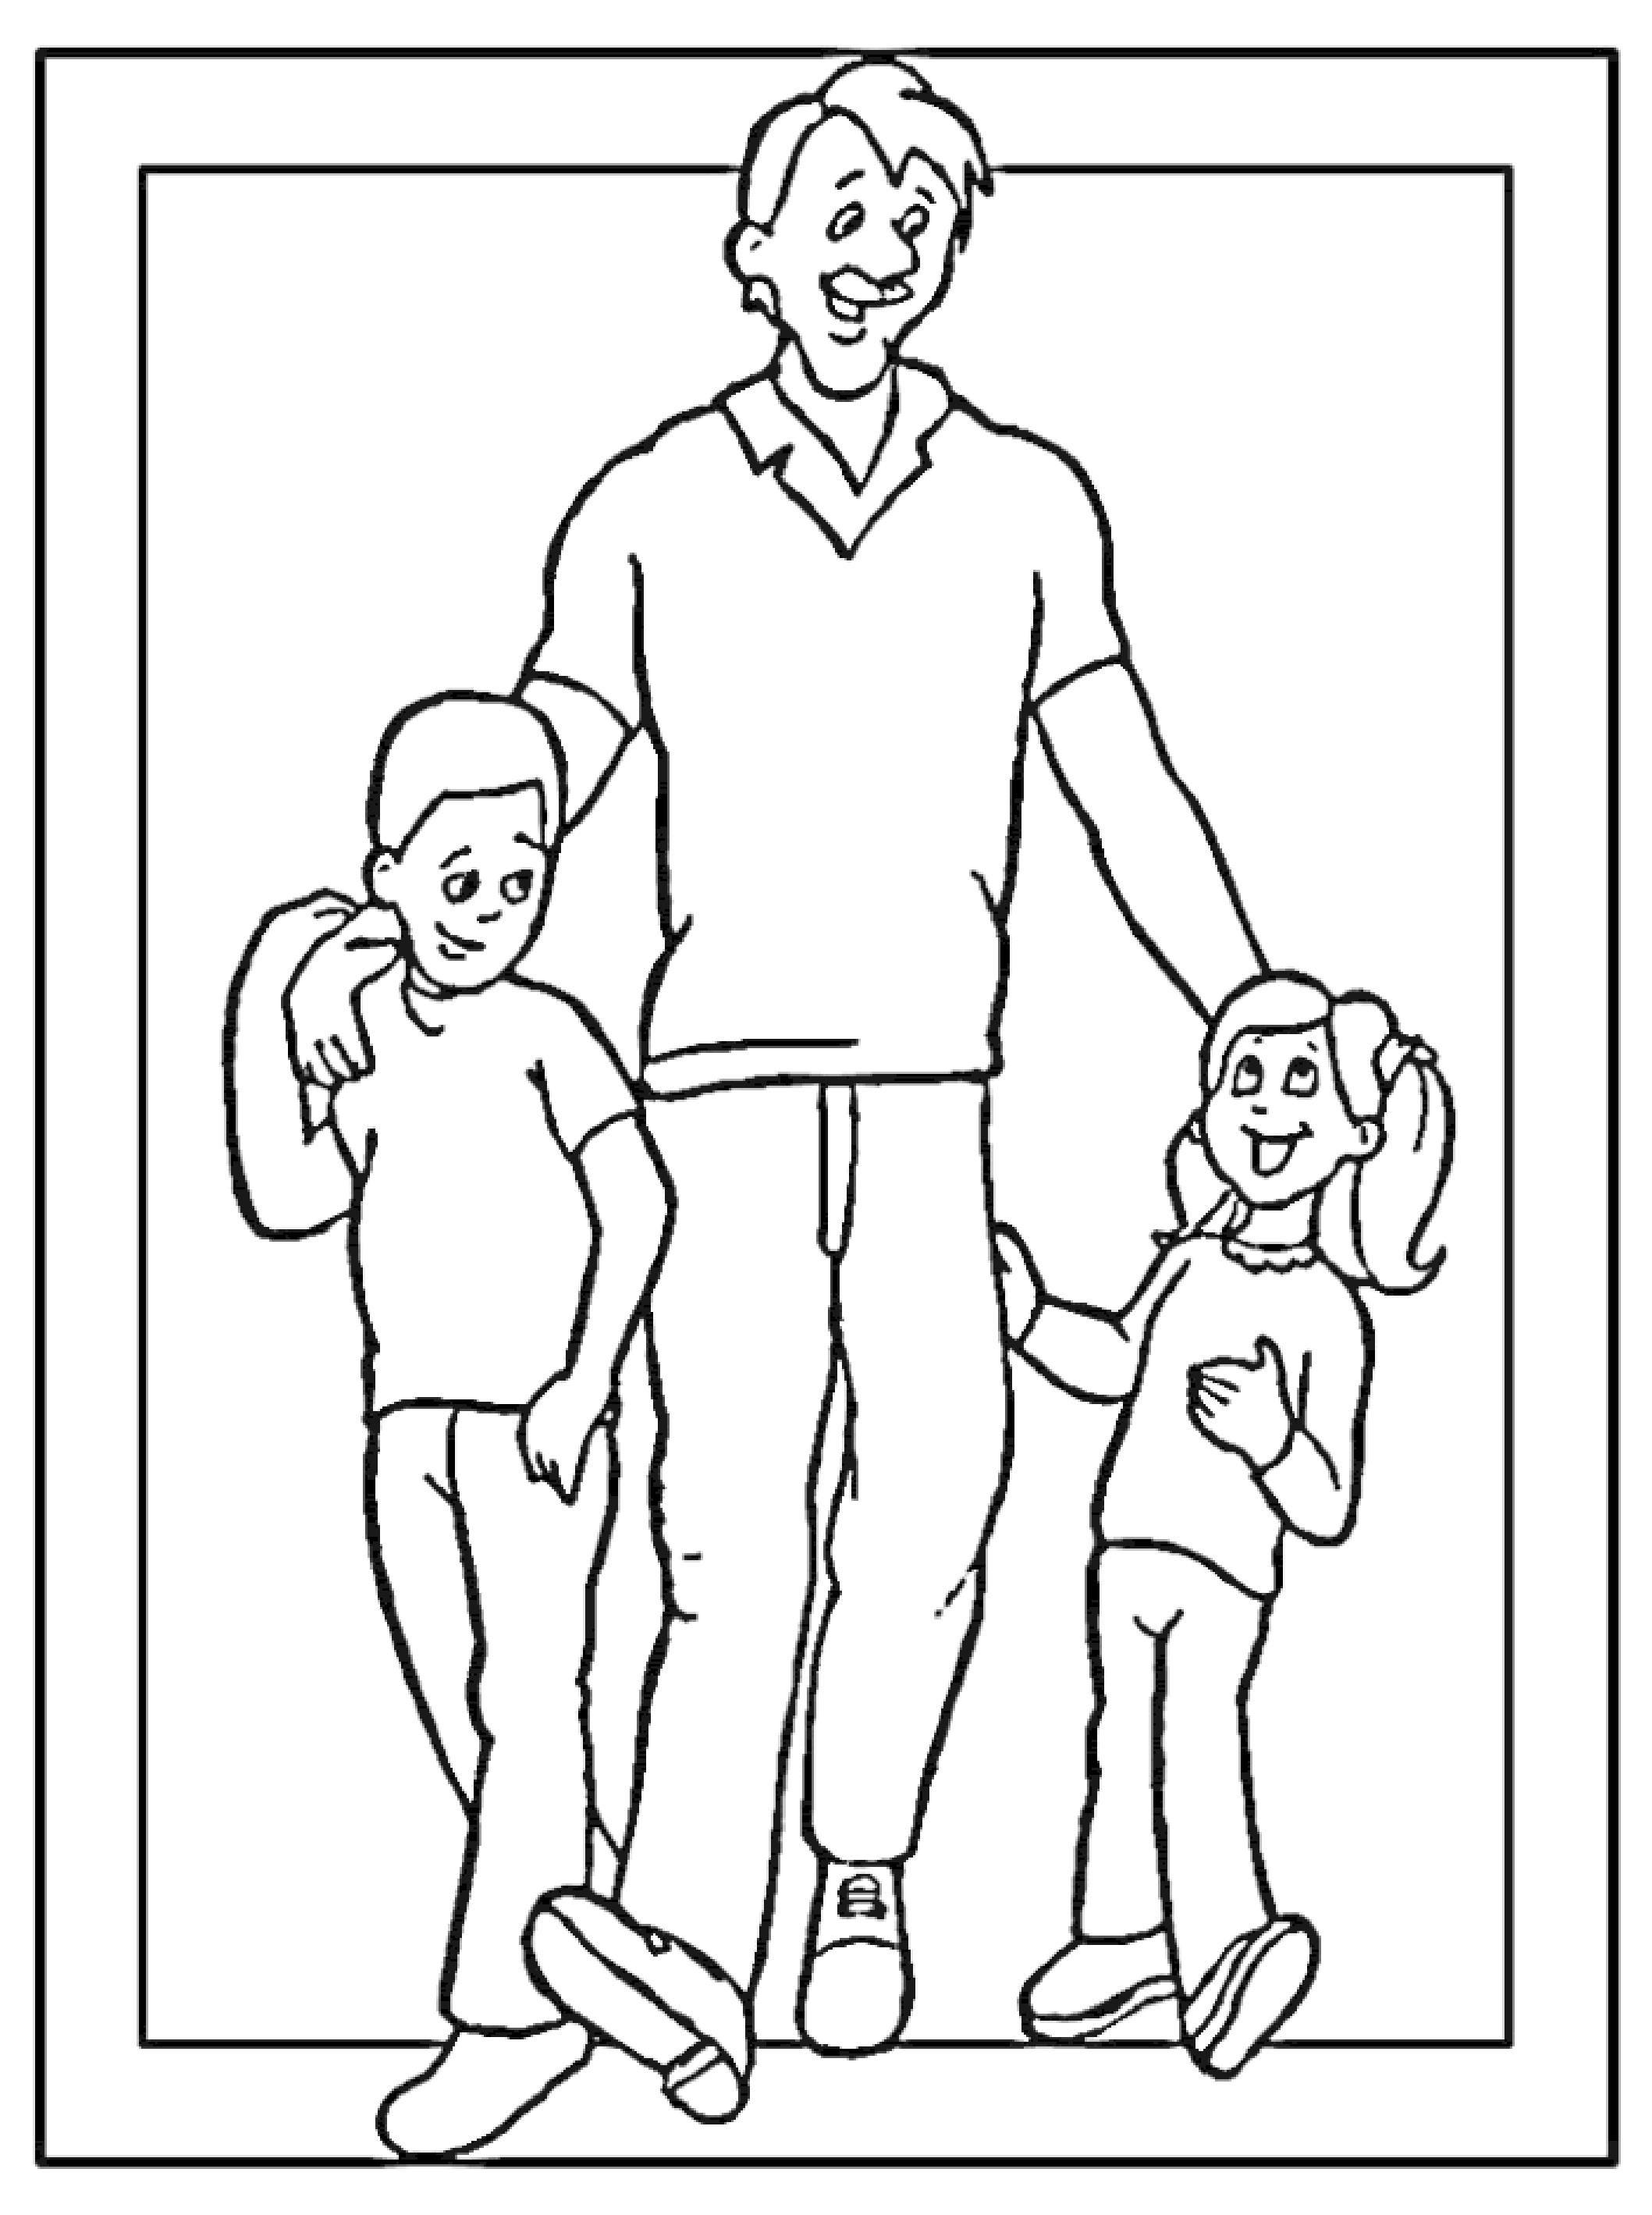 Een Leuke Kleurplaat Voor Vaderdag Kijk Op De Surfsleutel Voor De Printversie Kleurplaten Gratis Kleurplaten Vaderdag